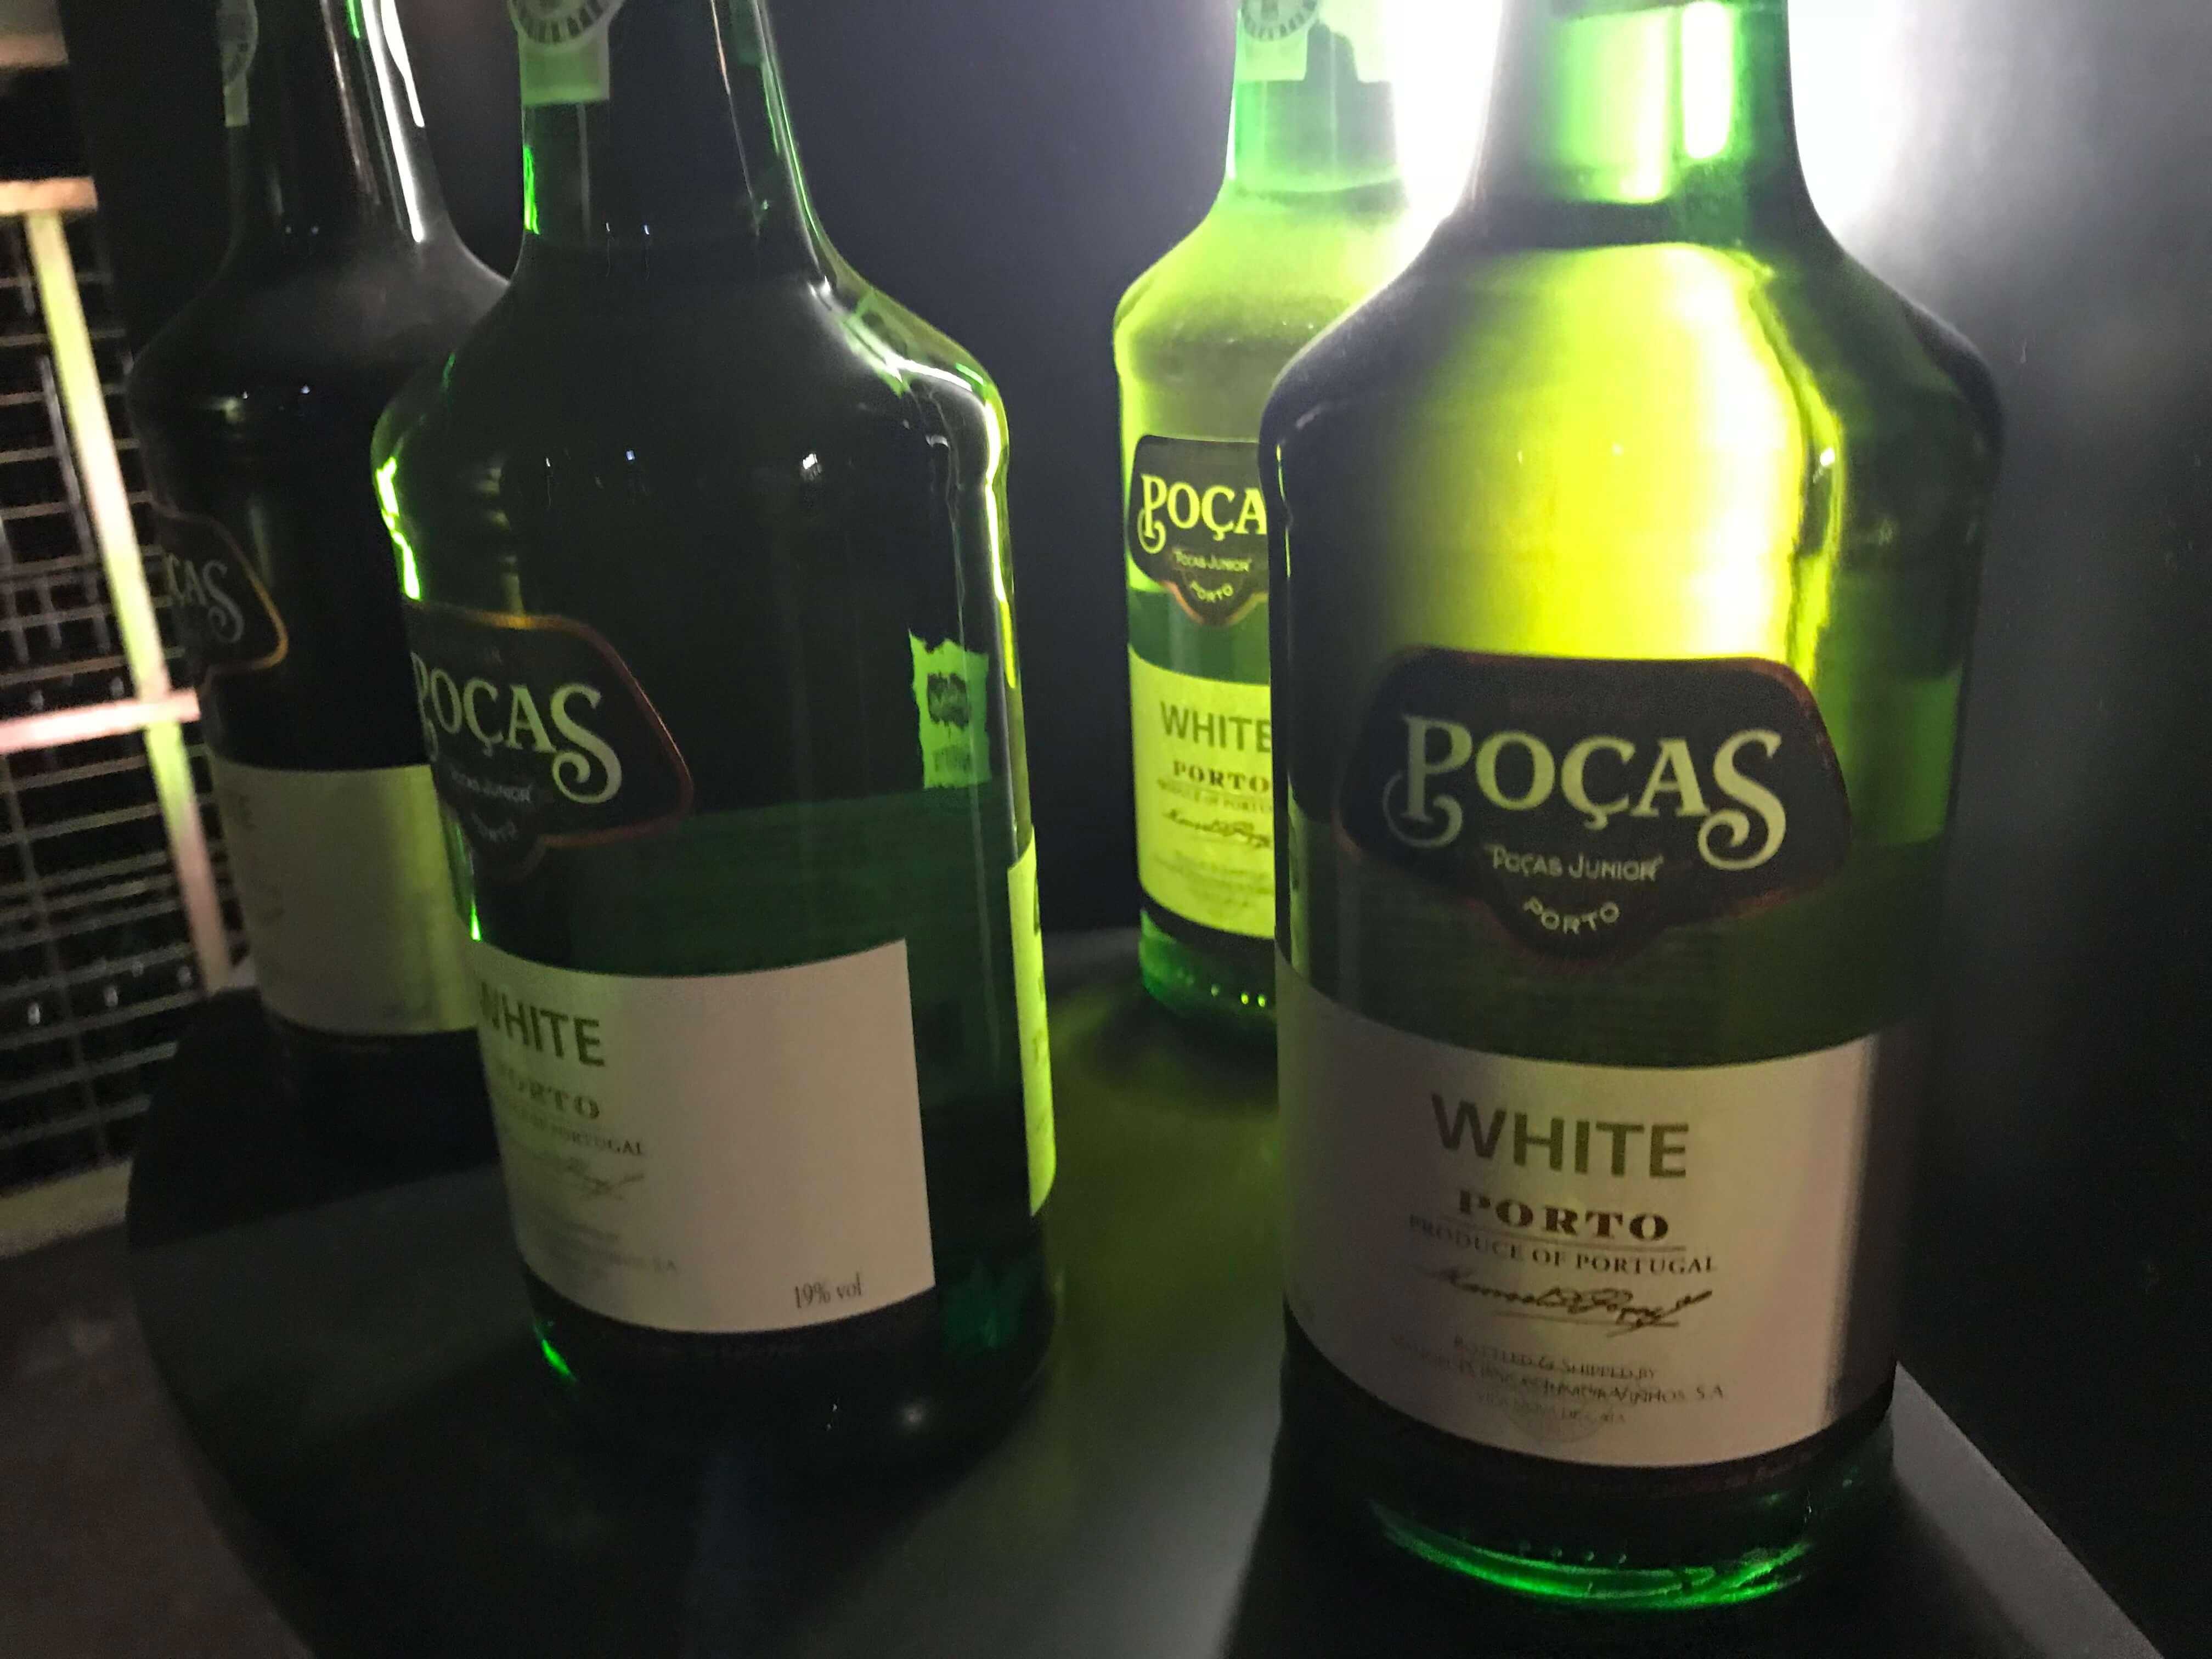 White Porto oder Weißer Portwein von Pocas